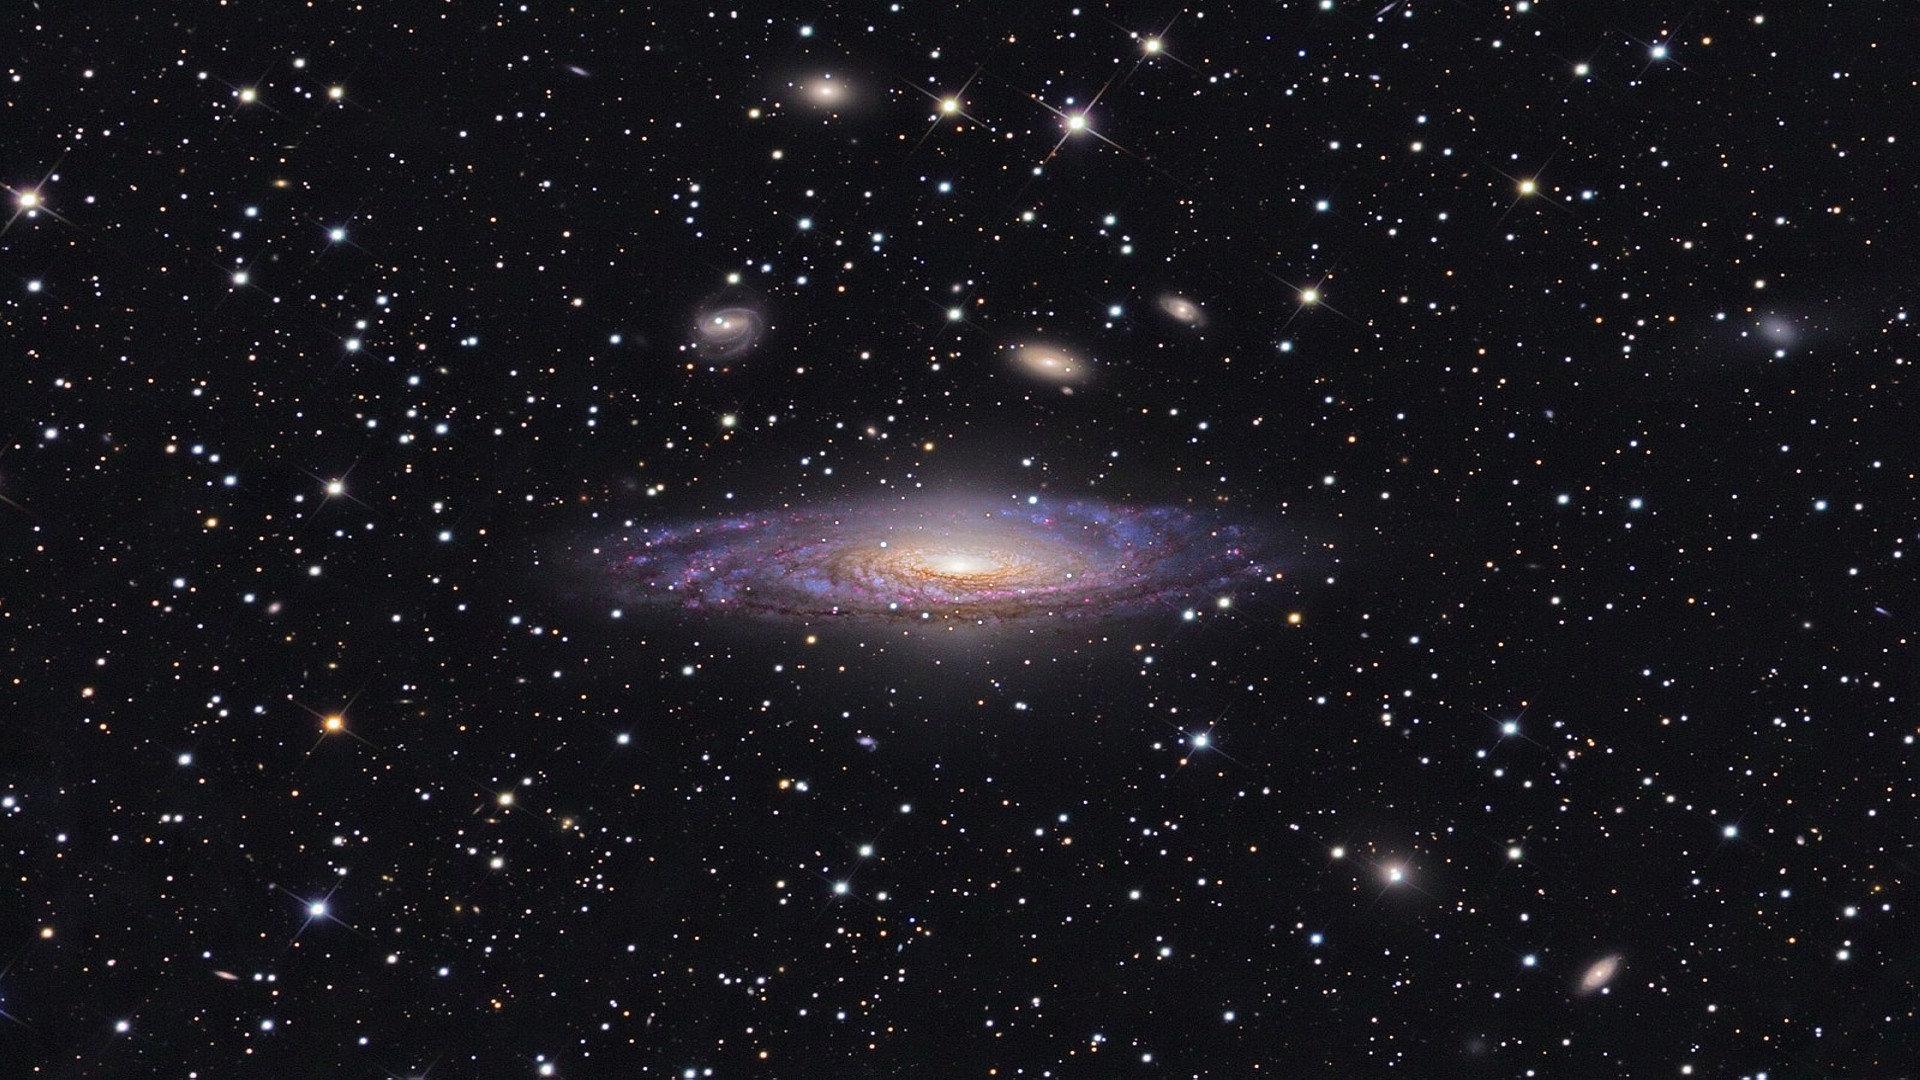 galaxy background full hd 1920x1080 443637